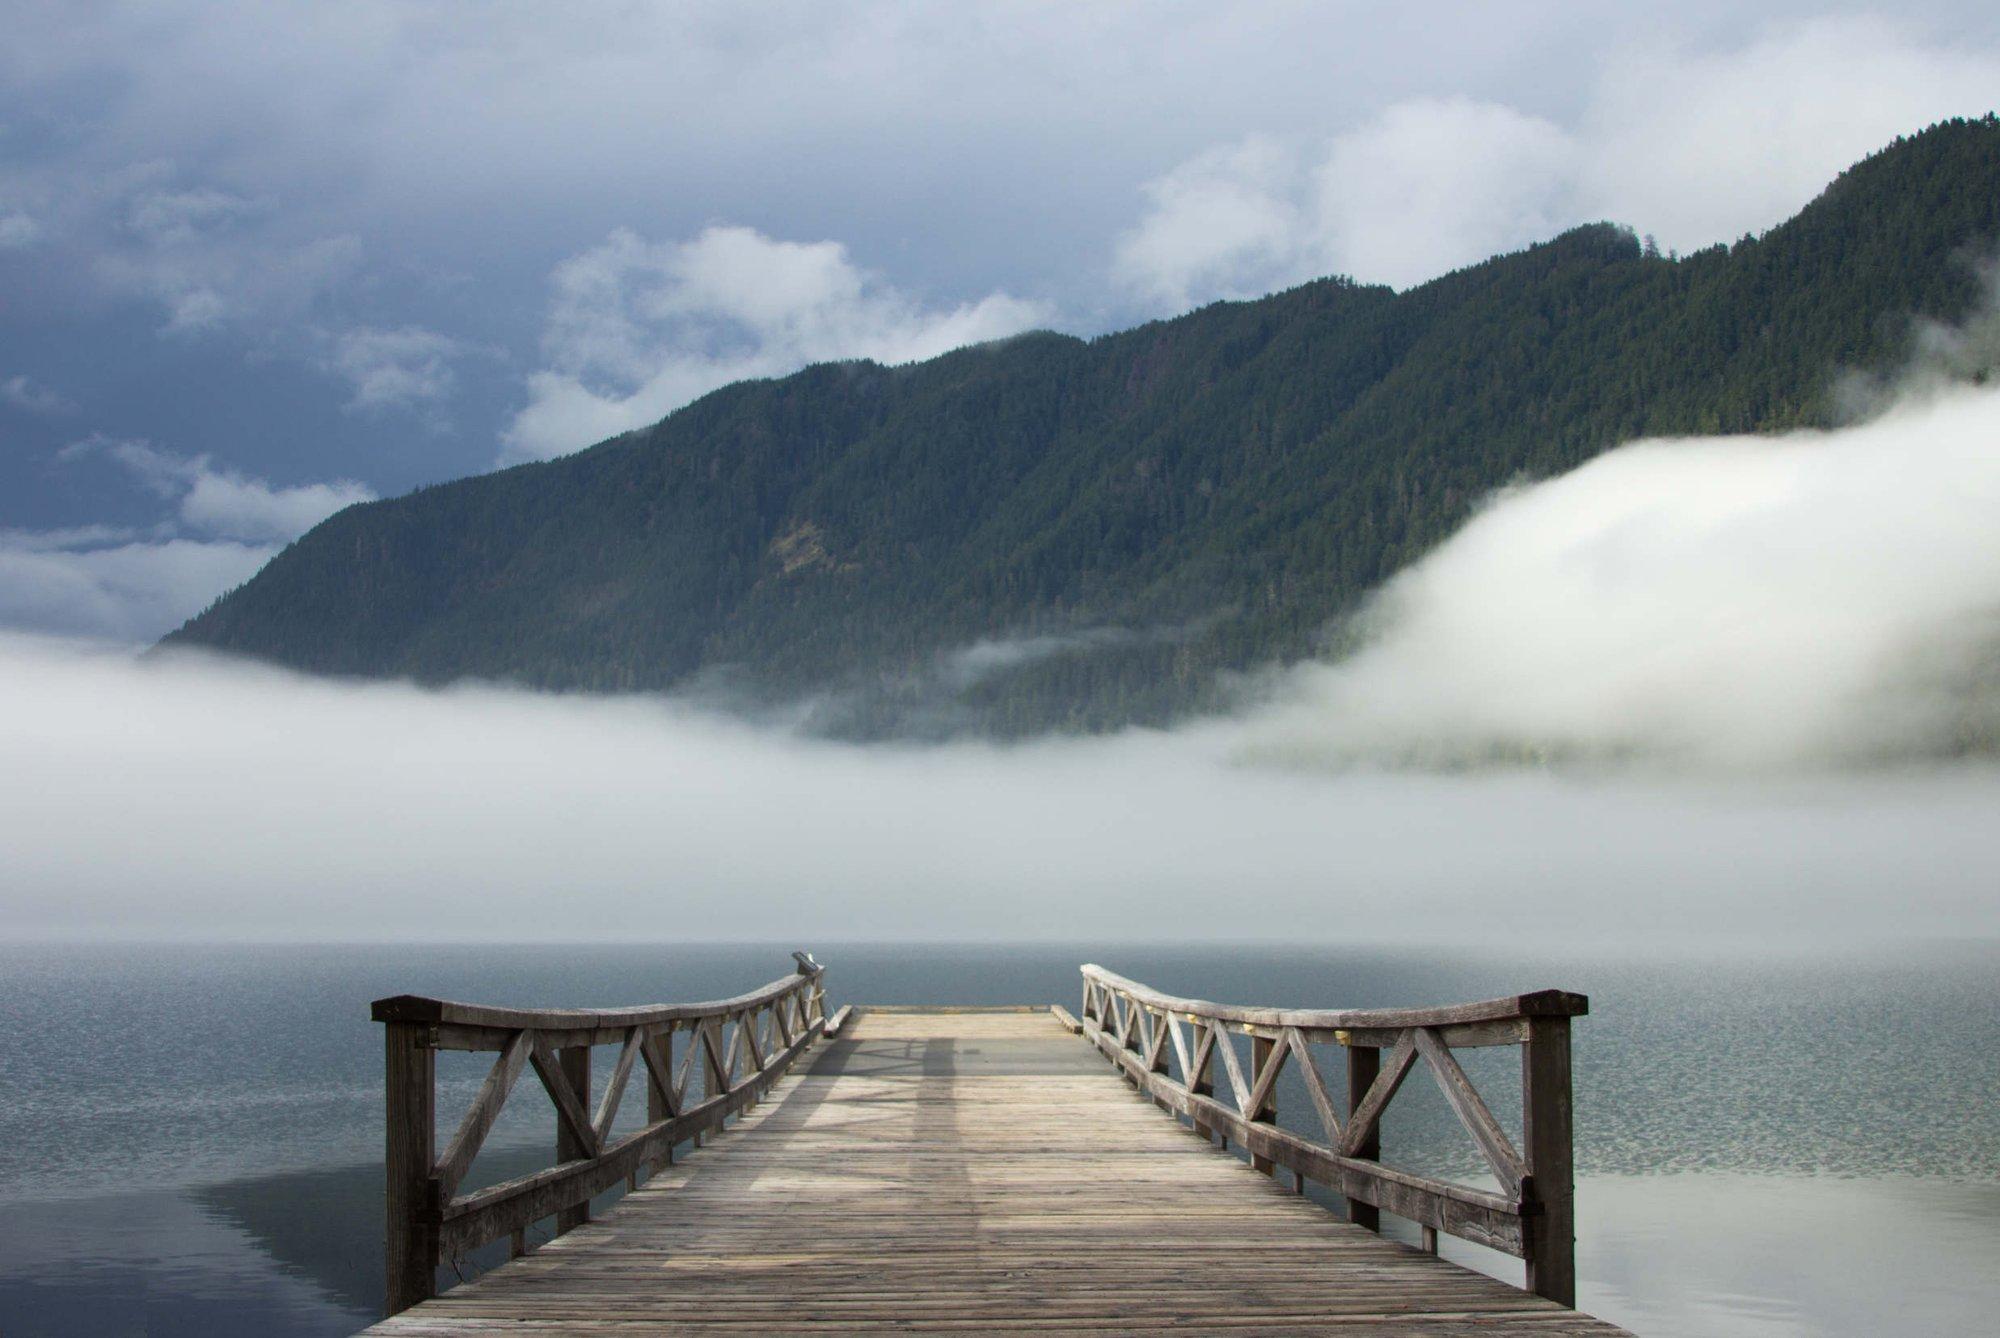 Image of LAKE CRESCENT DREAMSCAPE BRIDGE